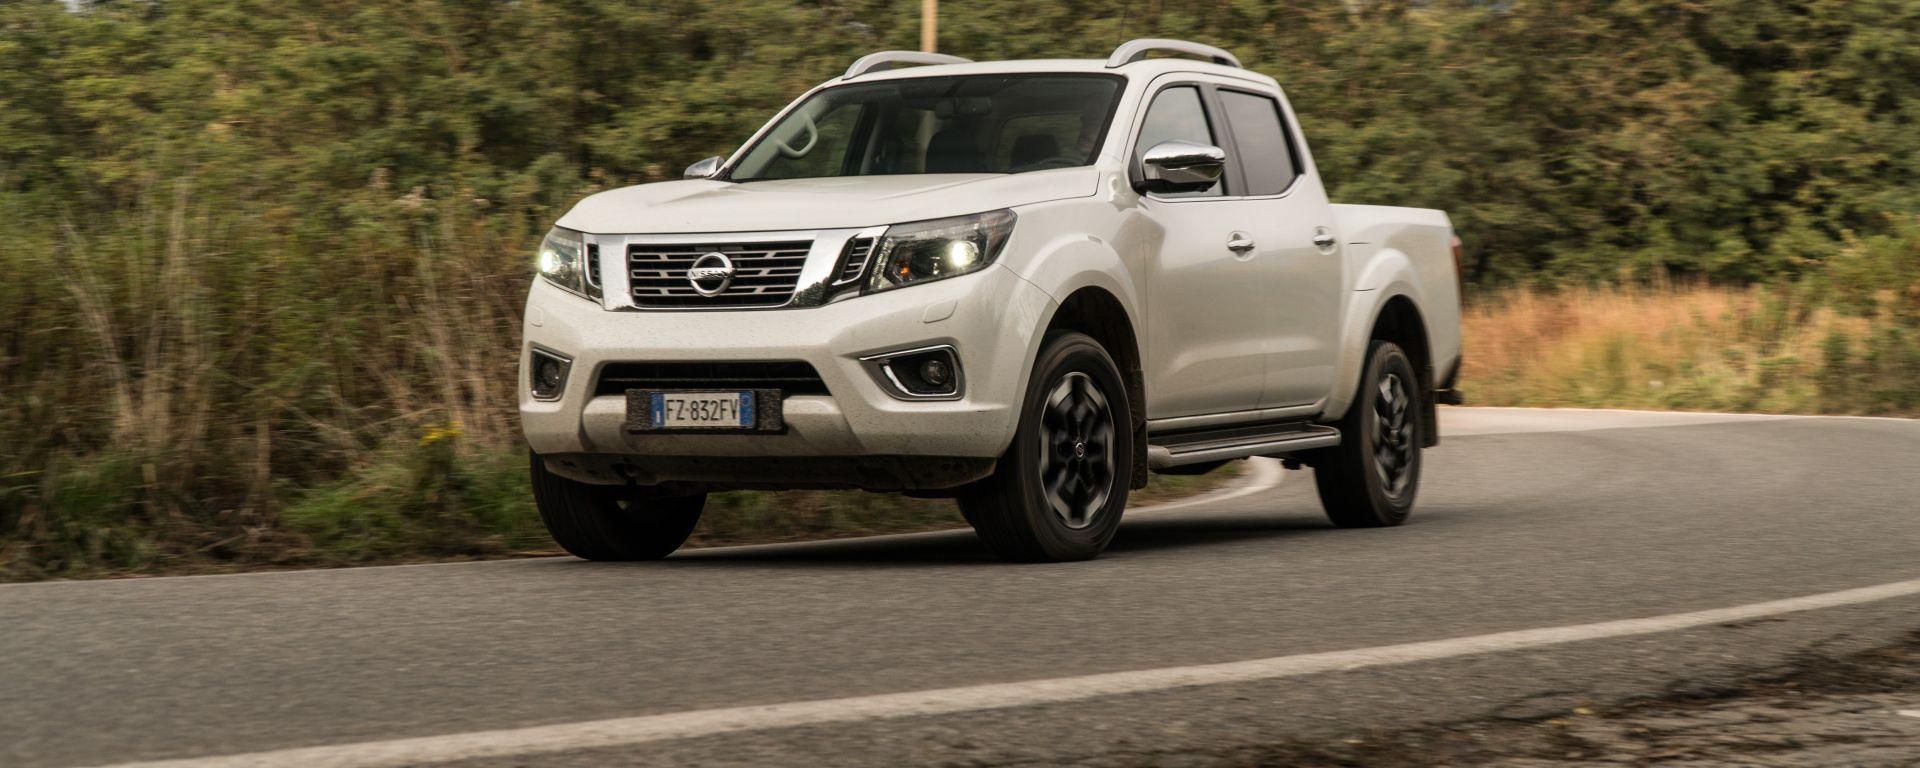 Nissan Navara 2.3 Tekna: col pick-up in città? Perché no!